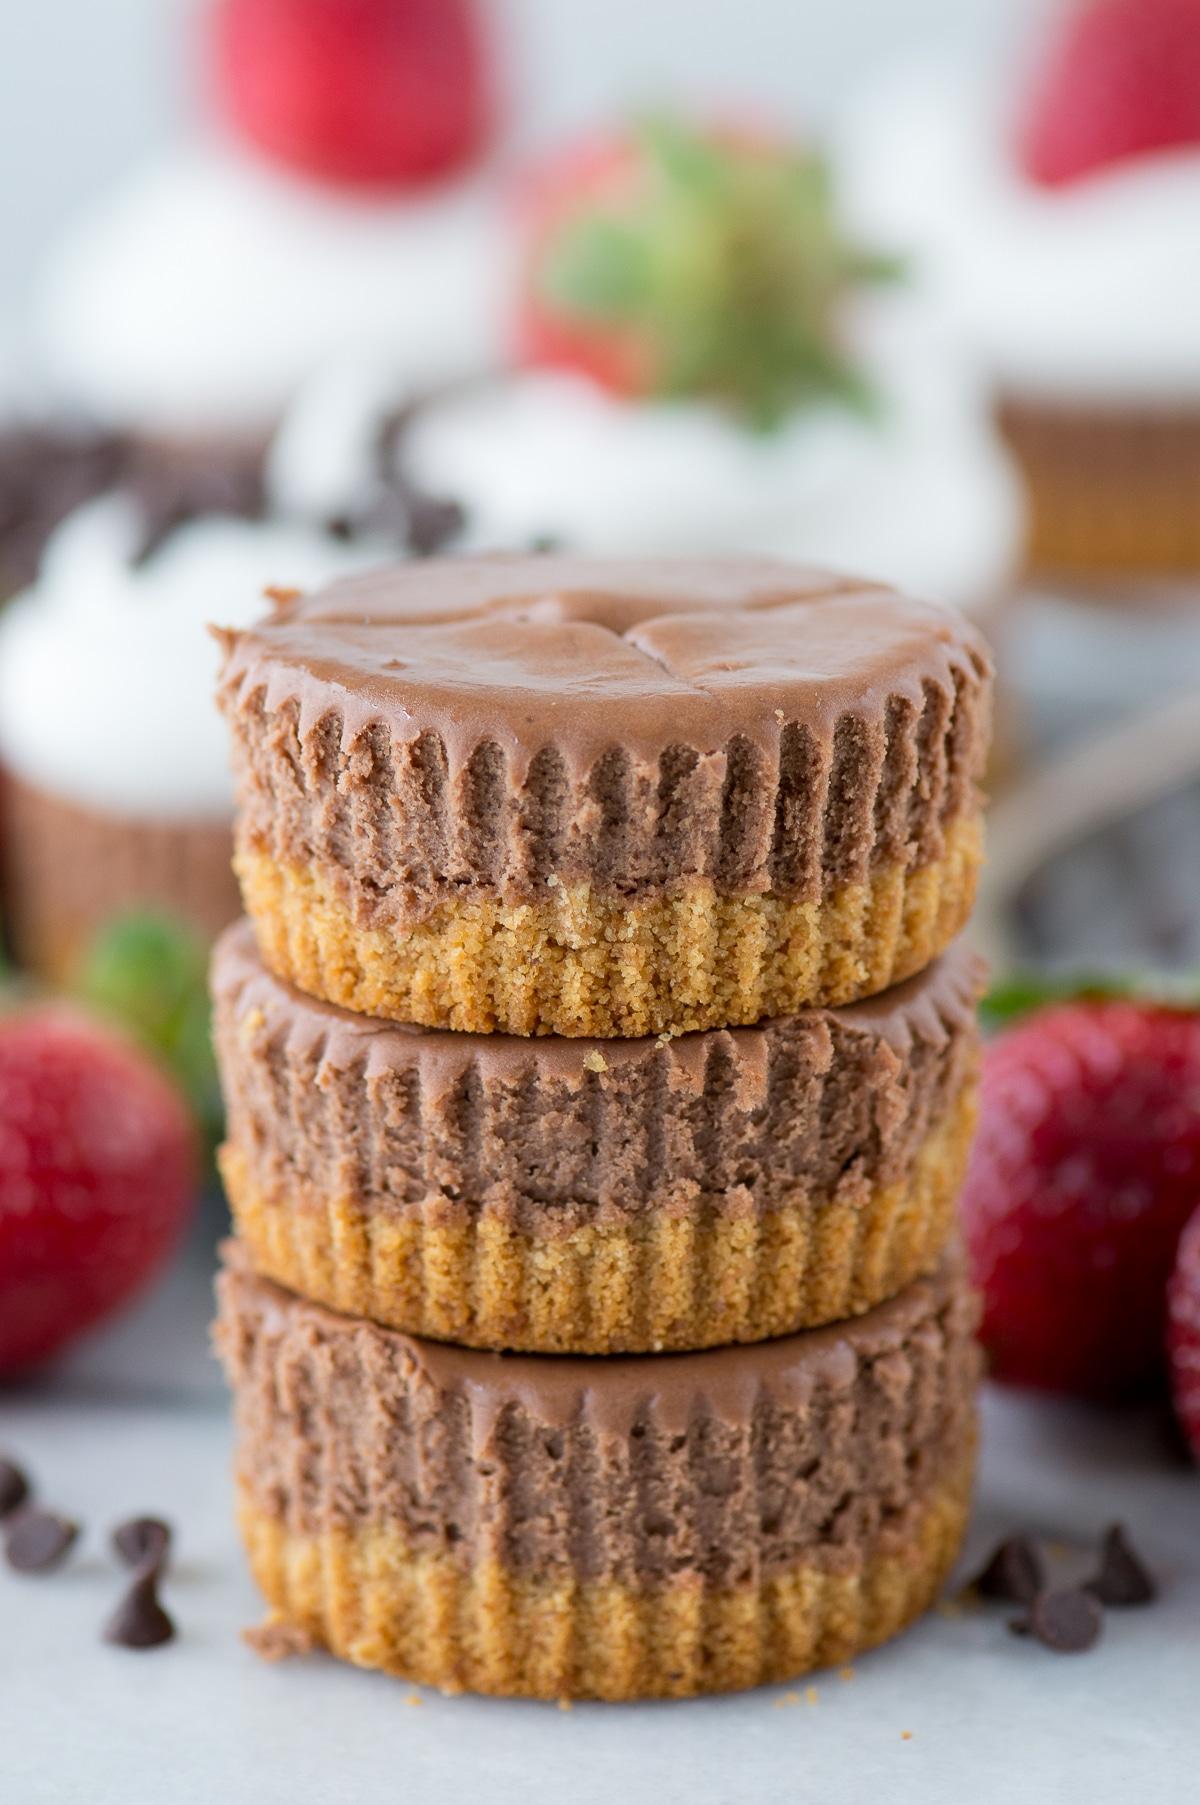 Chocolate Cheesecake with Graham Crust